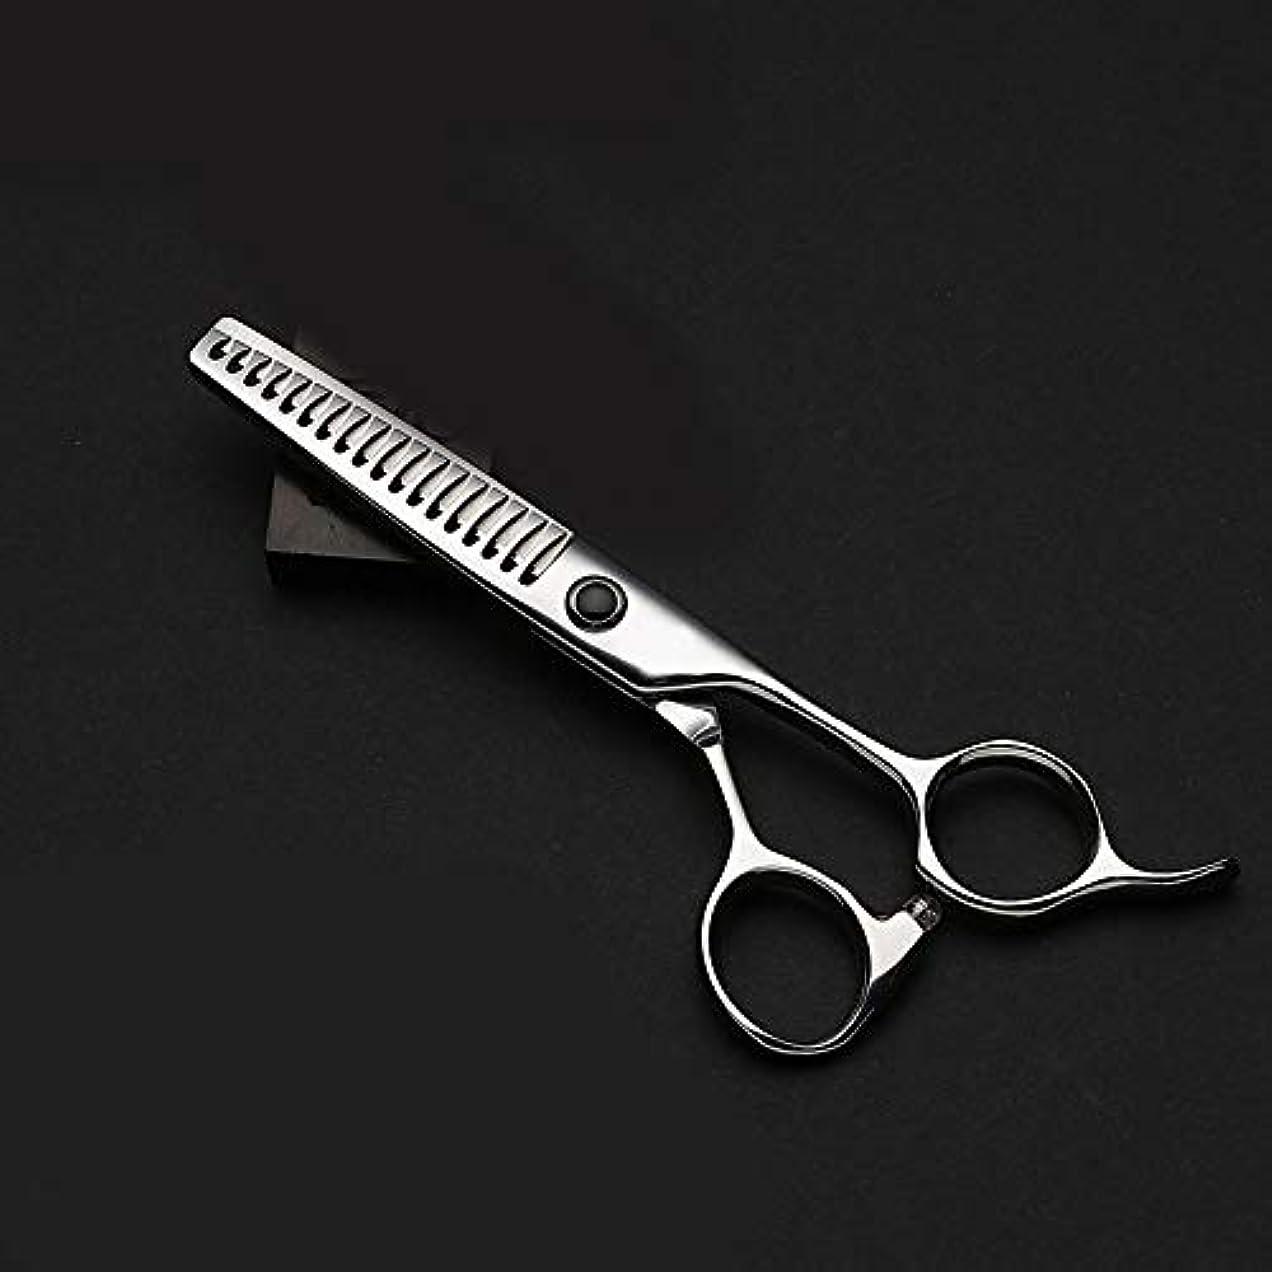 セーター剪断苗WASAIO プロフェッショナル理髪はさみトリミングアクセサリー間伐ヘアカットのはさみキット理容サロンレイザーエッジツール歯を設定シームレスな魚Oの5.5インチ (色 : Silver)